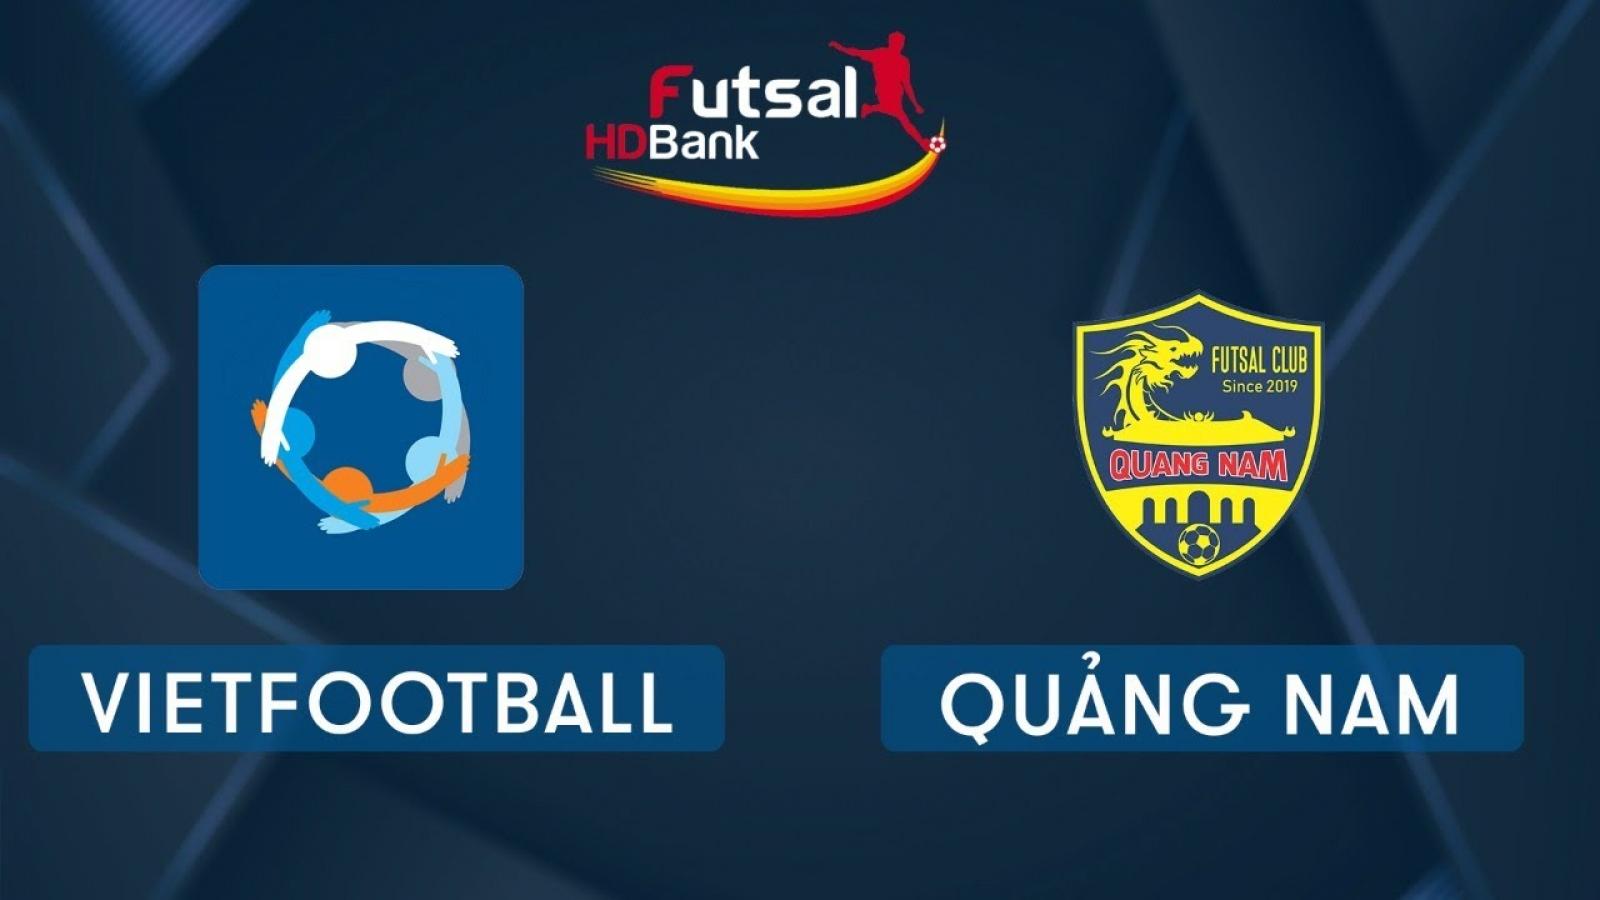 Xem trực tiếp Futsal HDBank VĐQG 2020: Vietfootball - Quảng Nam